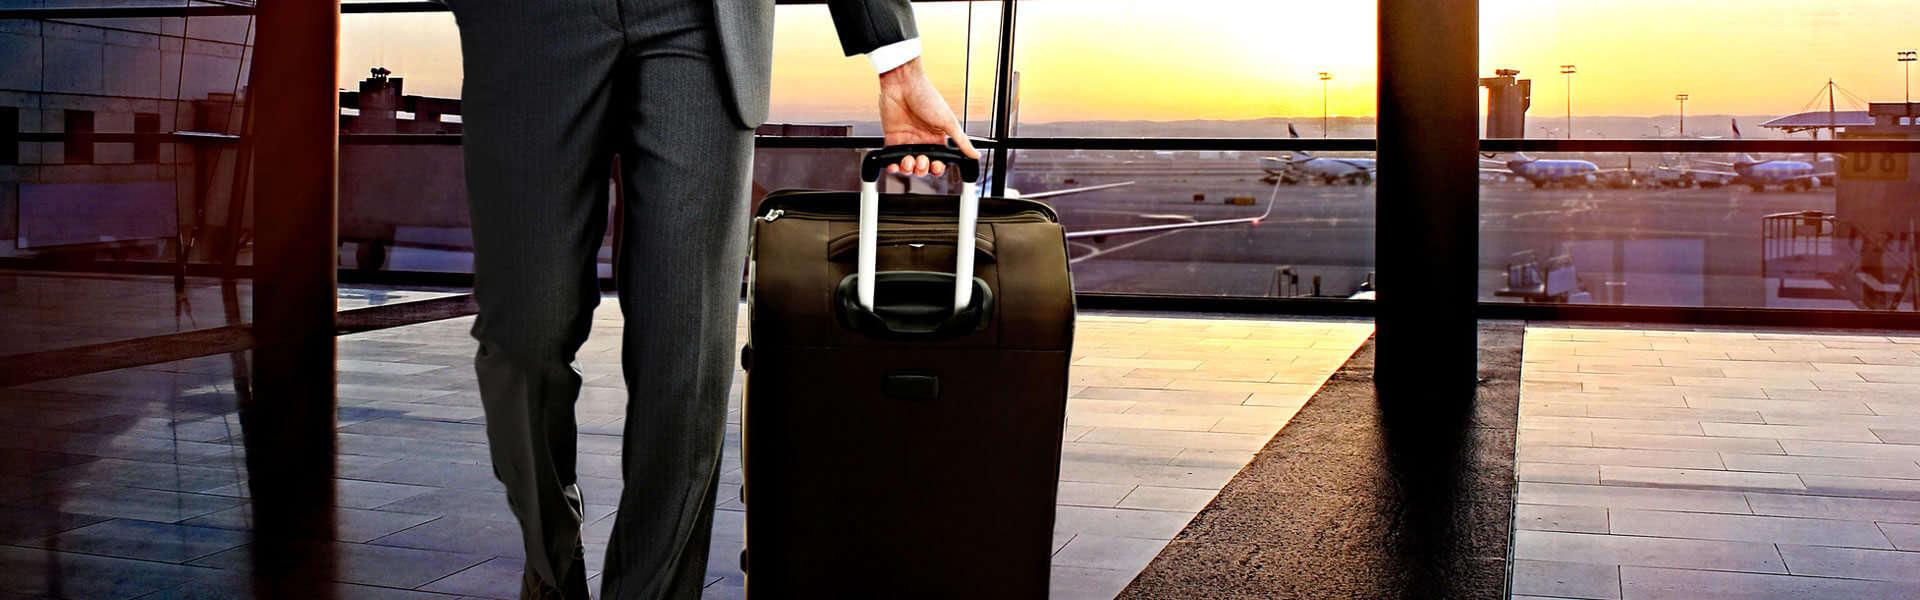 Visum-Russland-Geschäftsvisum-Businessvisum-Dienstvisum-Montage